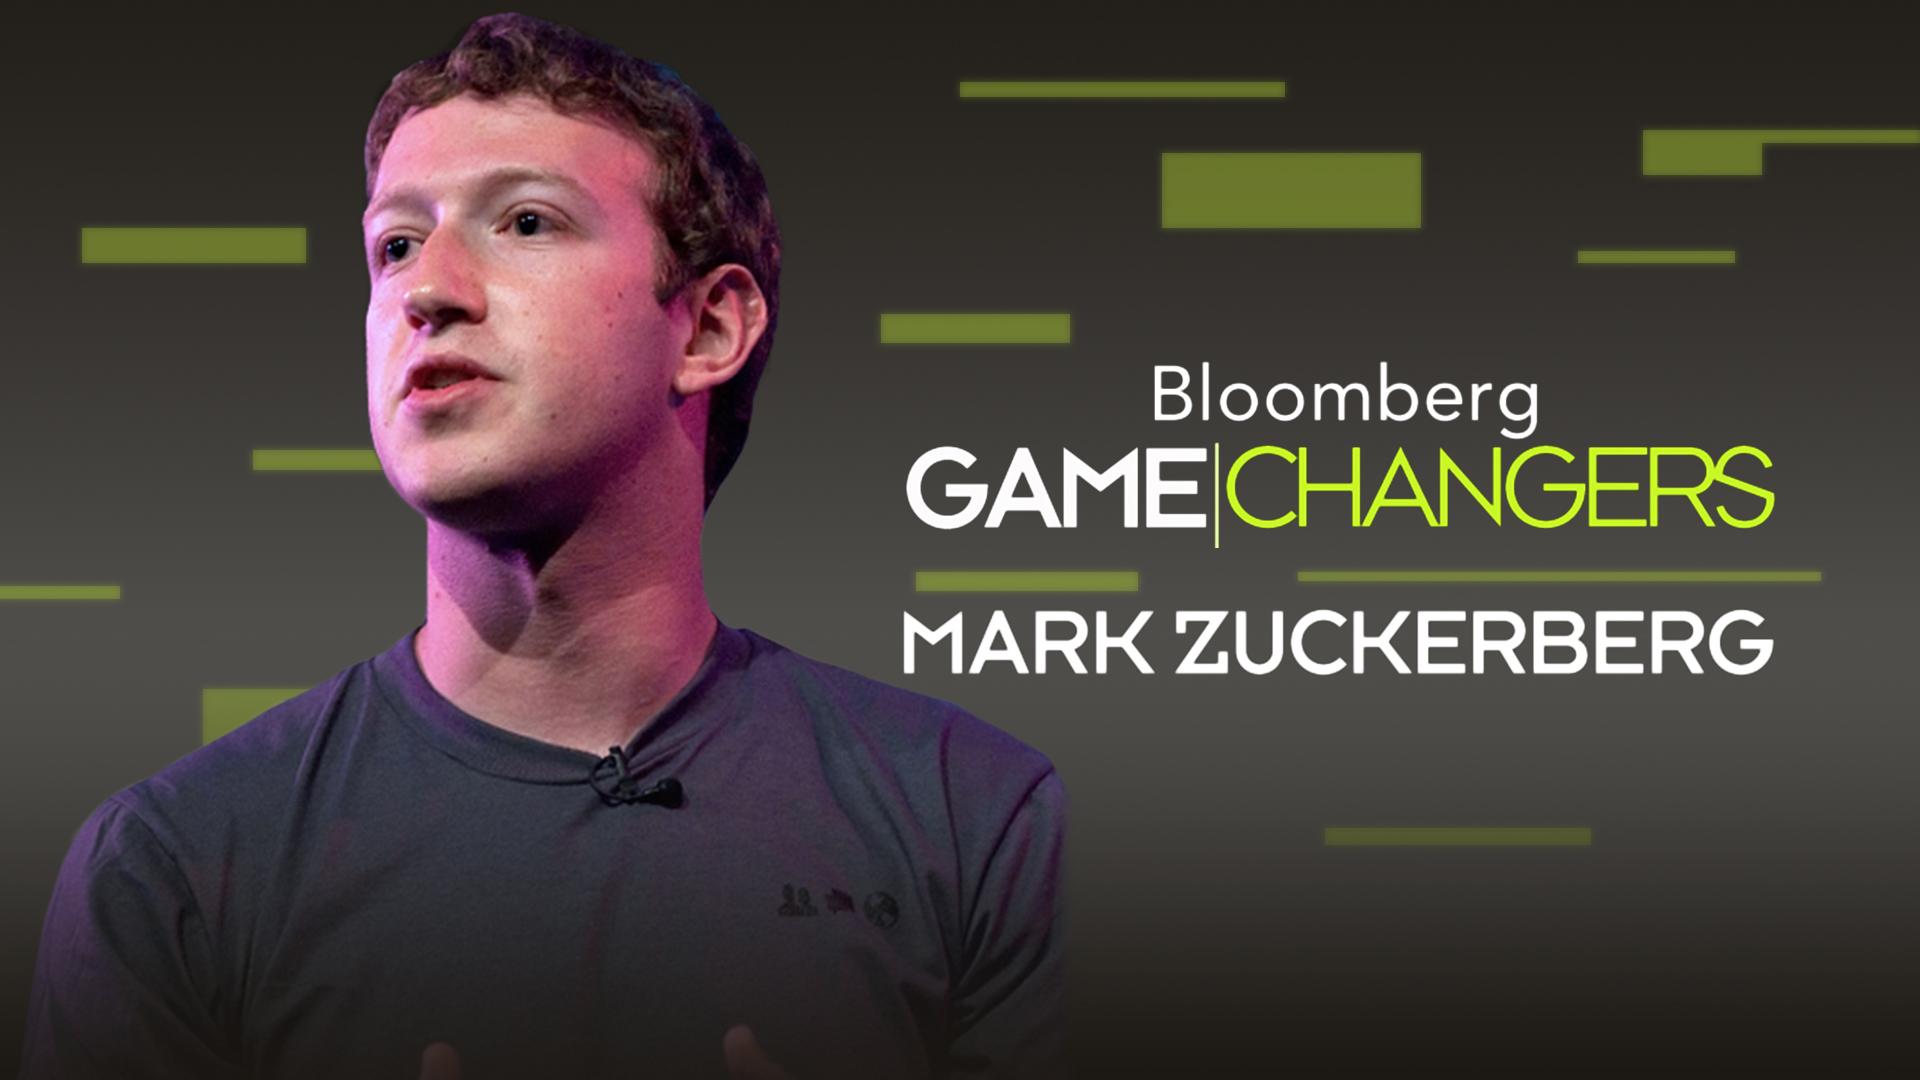 Bloomberg Game Changers: Mark Zuckerberg